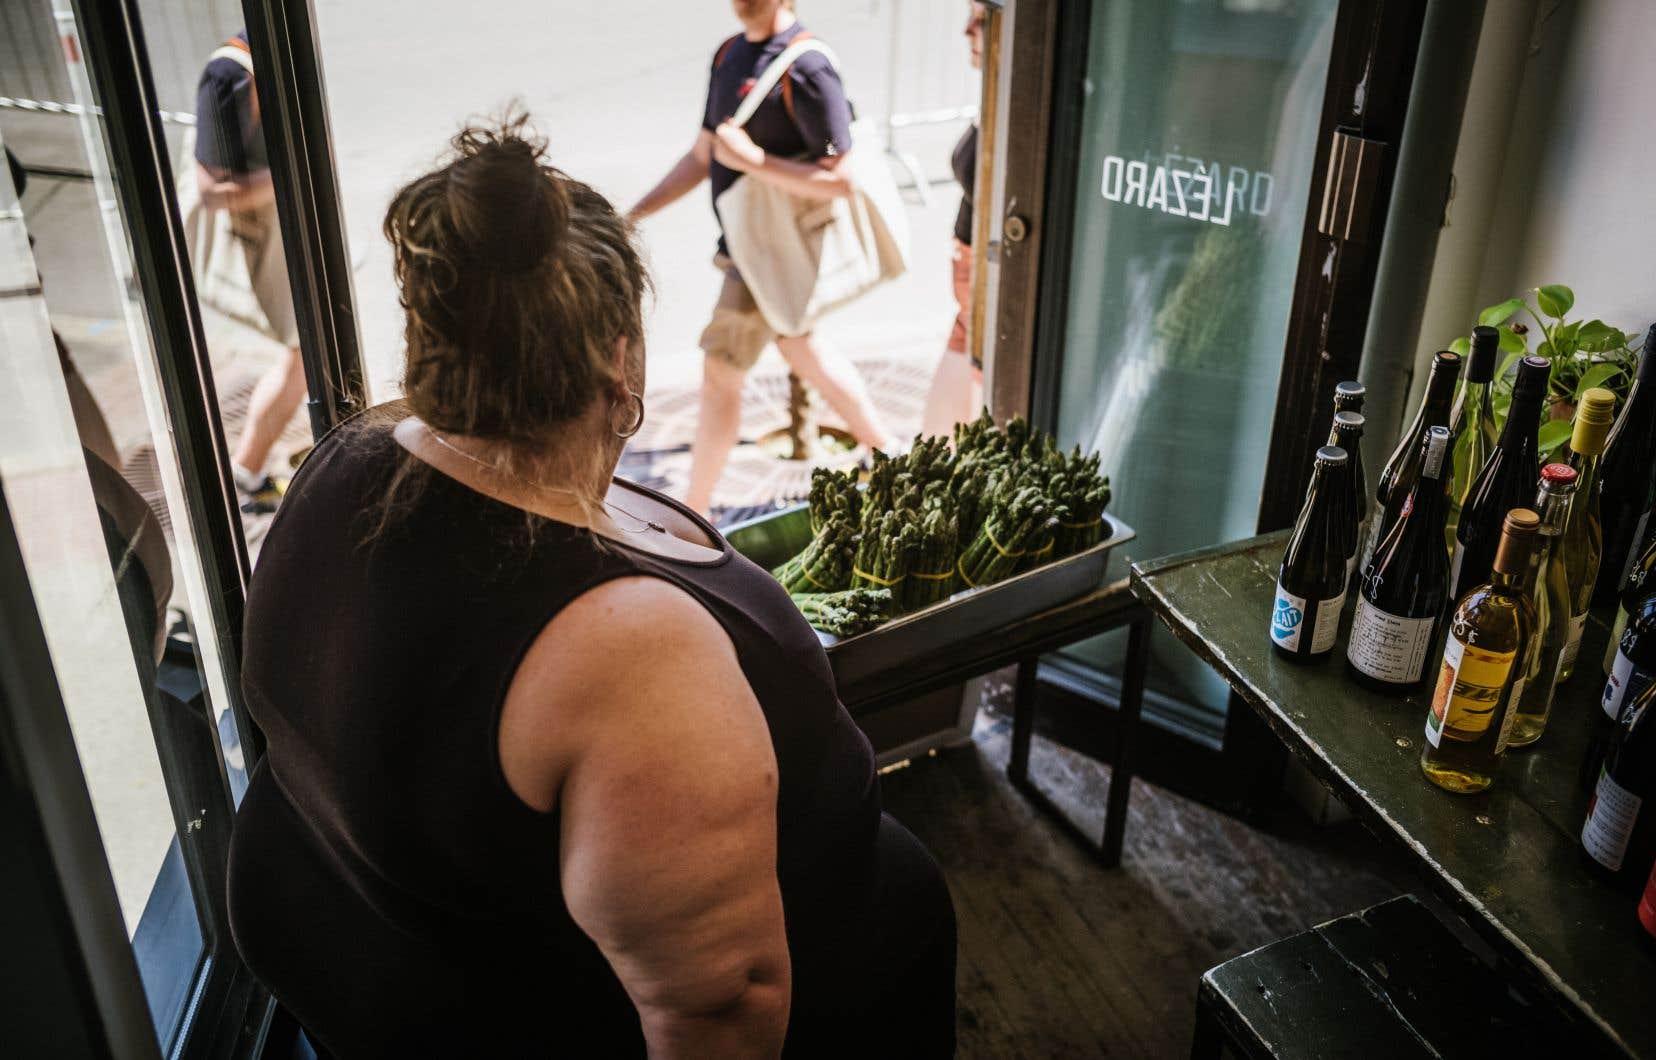 Rachel Chevalier Richard, la patronne du café Lézard rue Masson, s'adapte aux règles de distanciation sociale en offrant un service pouremporter et se prépare à la réouverture prochaine.